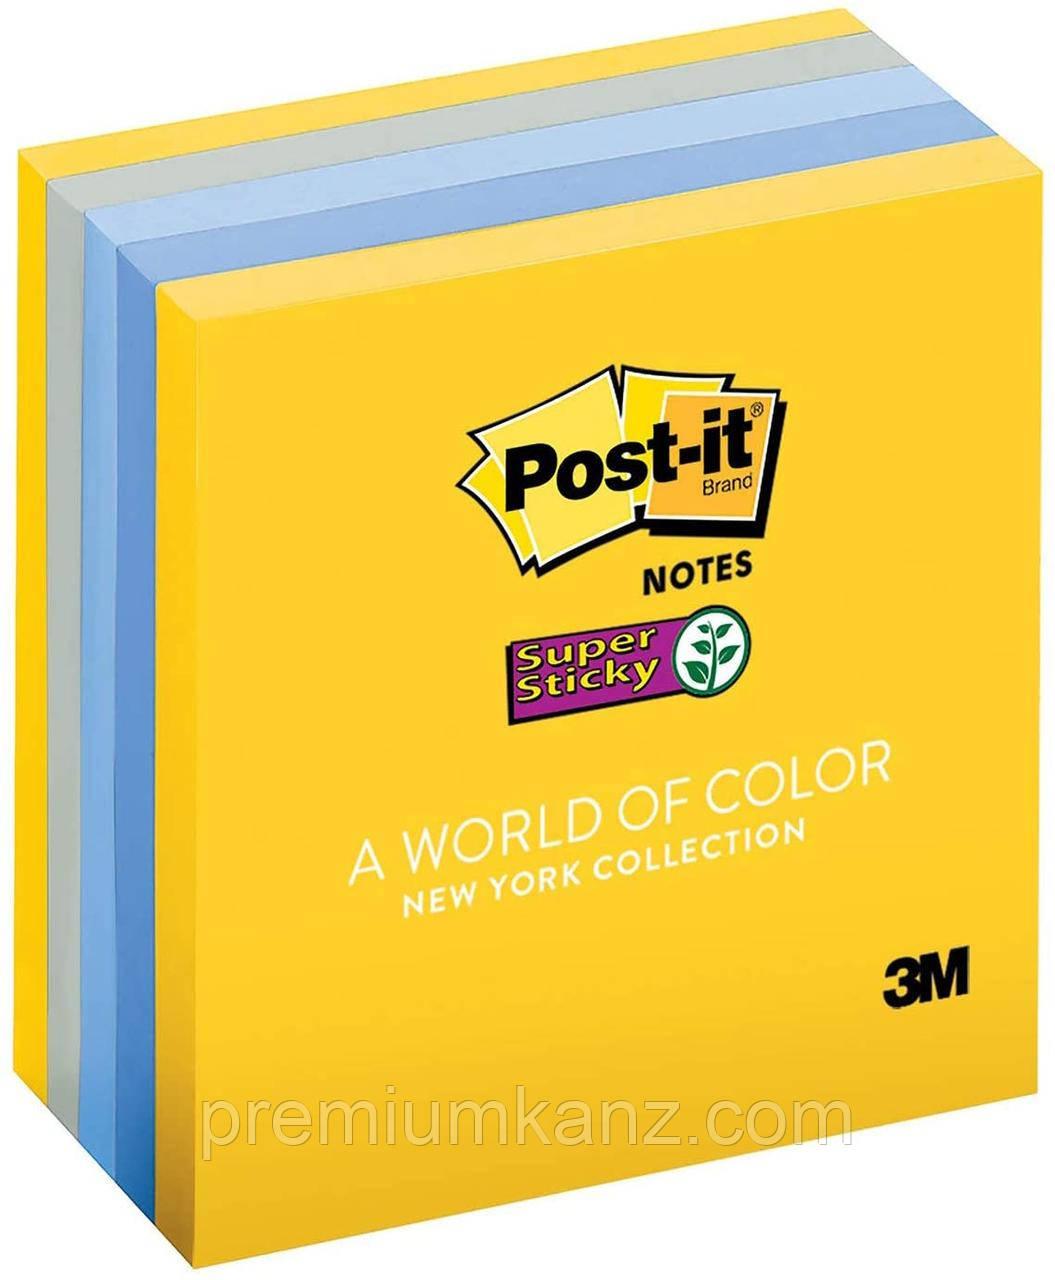 3M Post-It Super Sticky кольорові стікери (5 блоків, 450 листів)